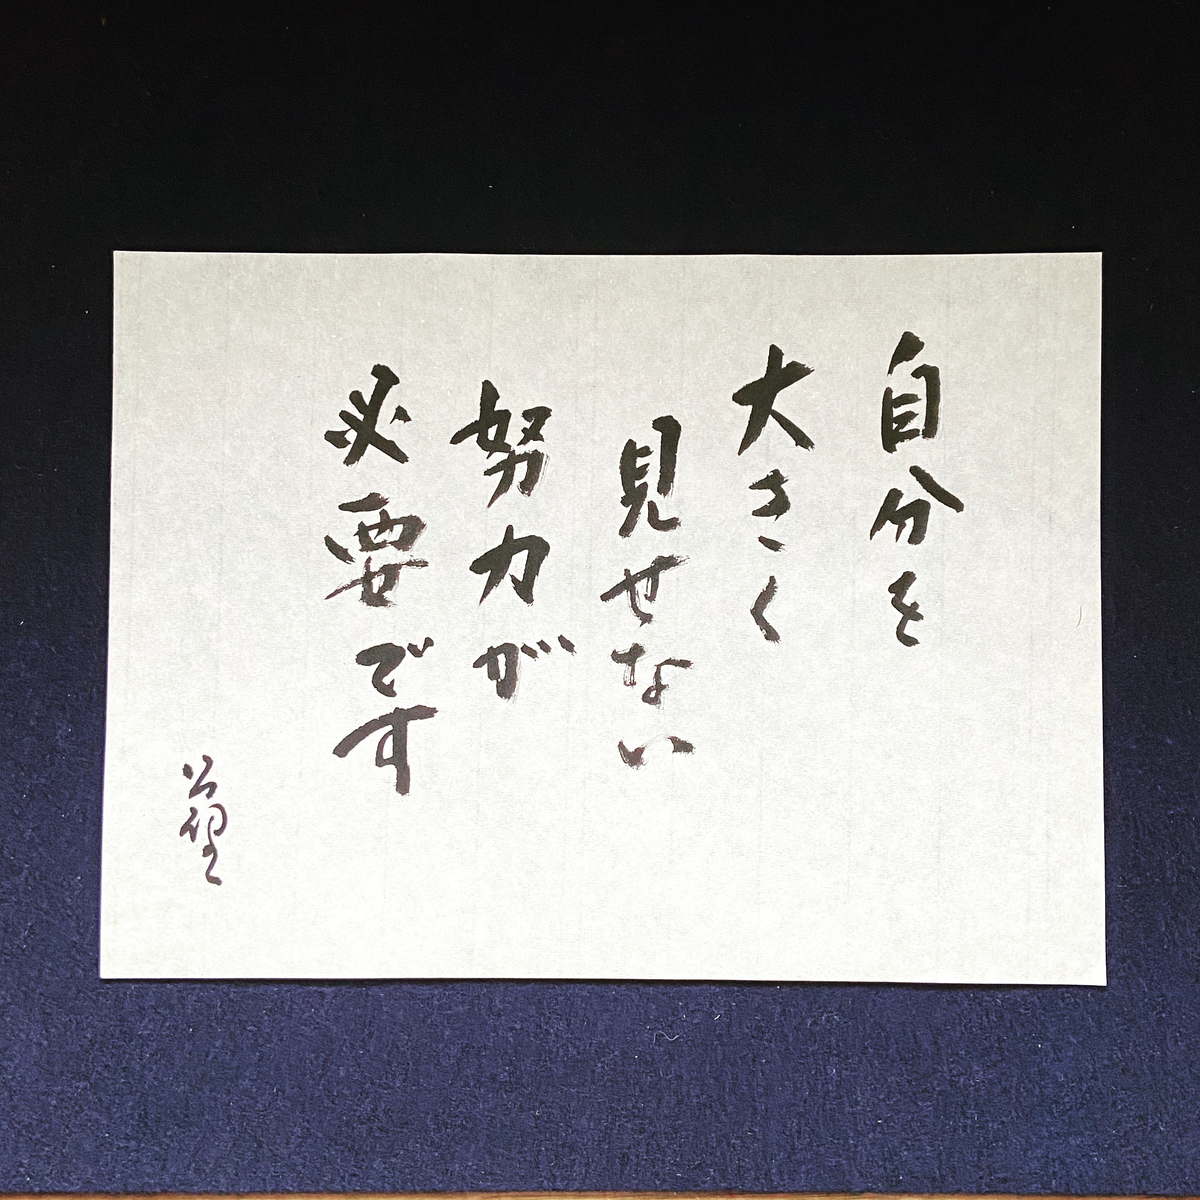 f:id:saifukuji:20201001110316j:plain